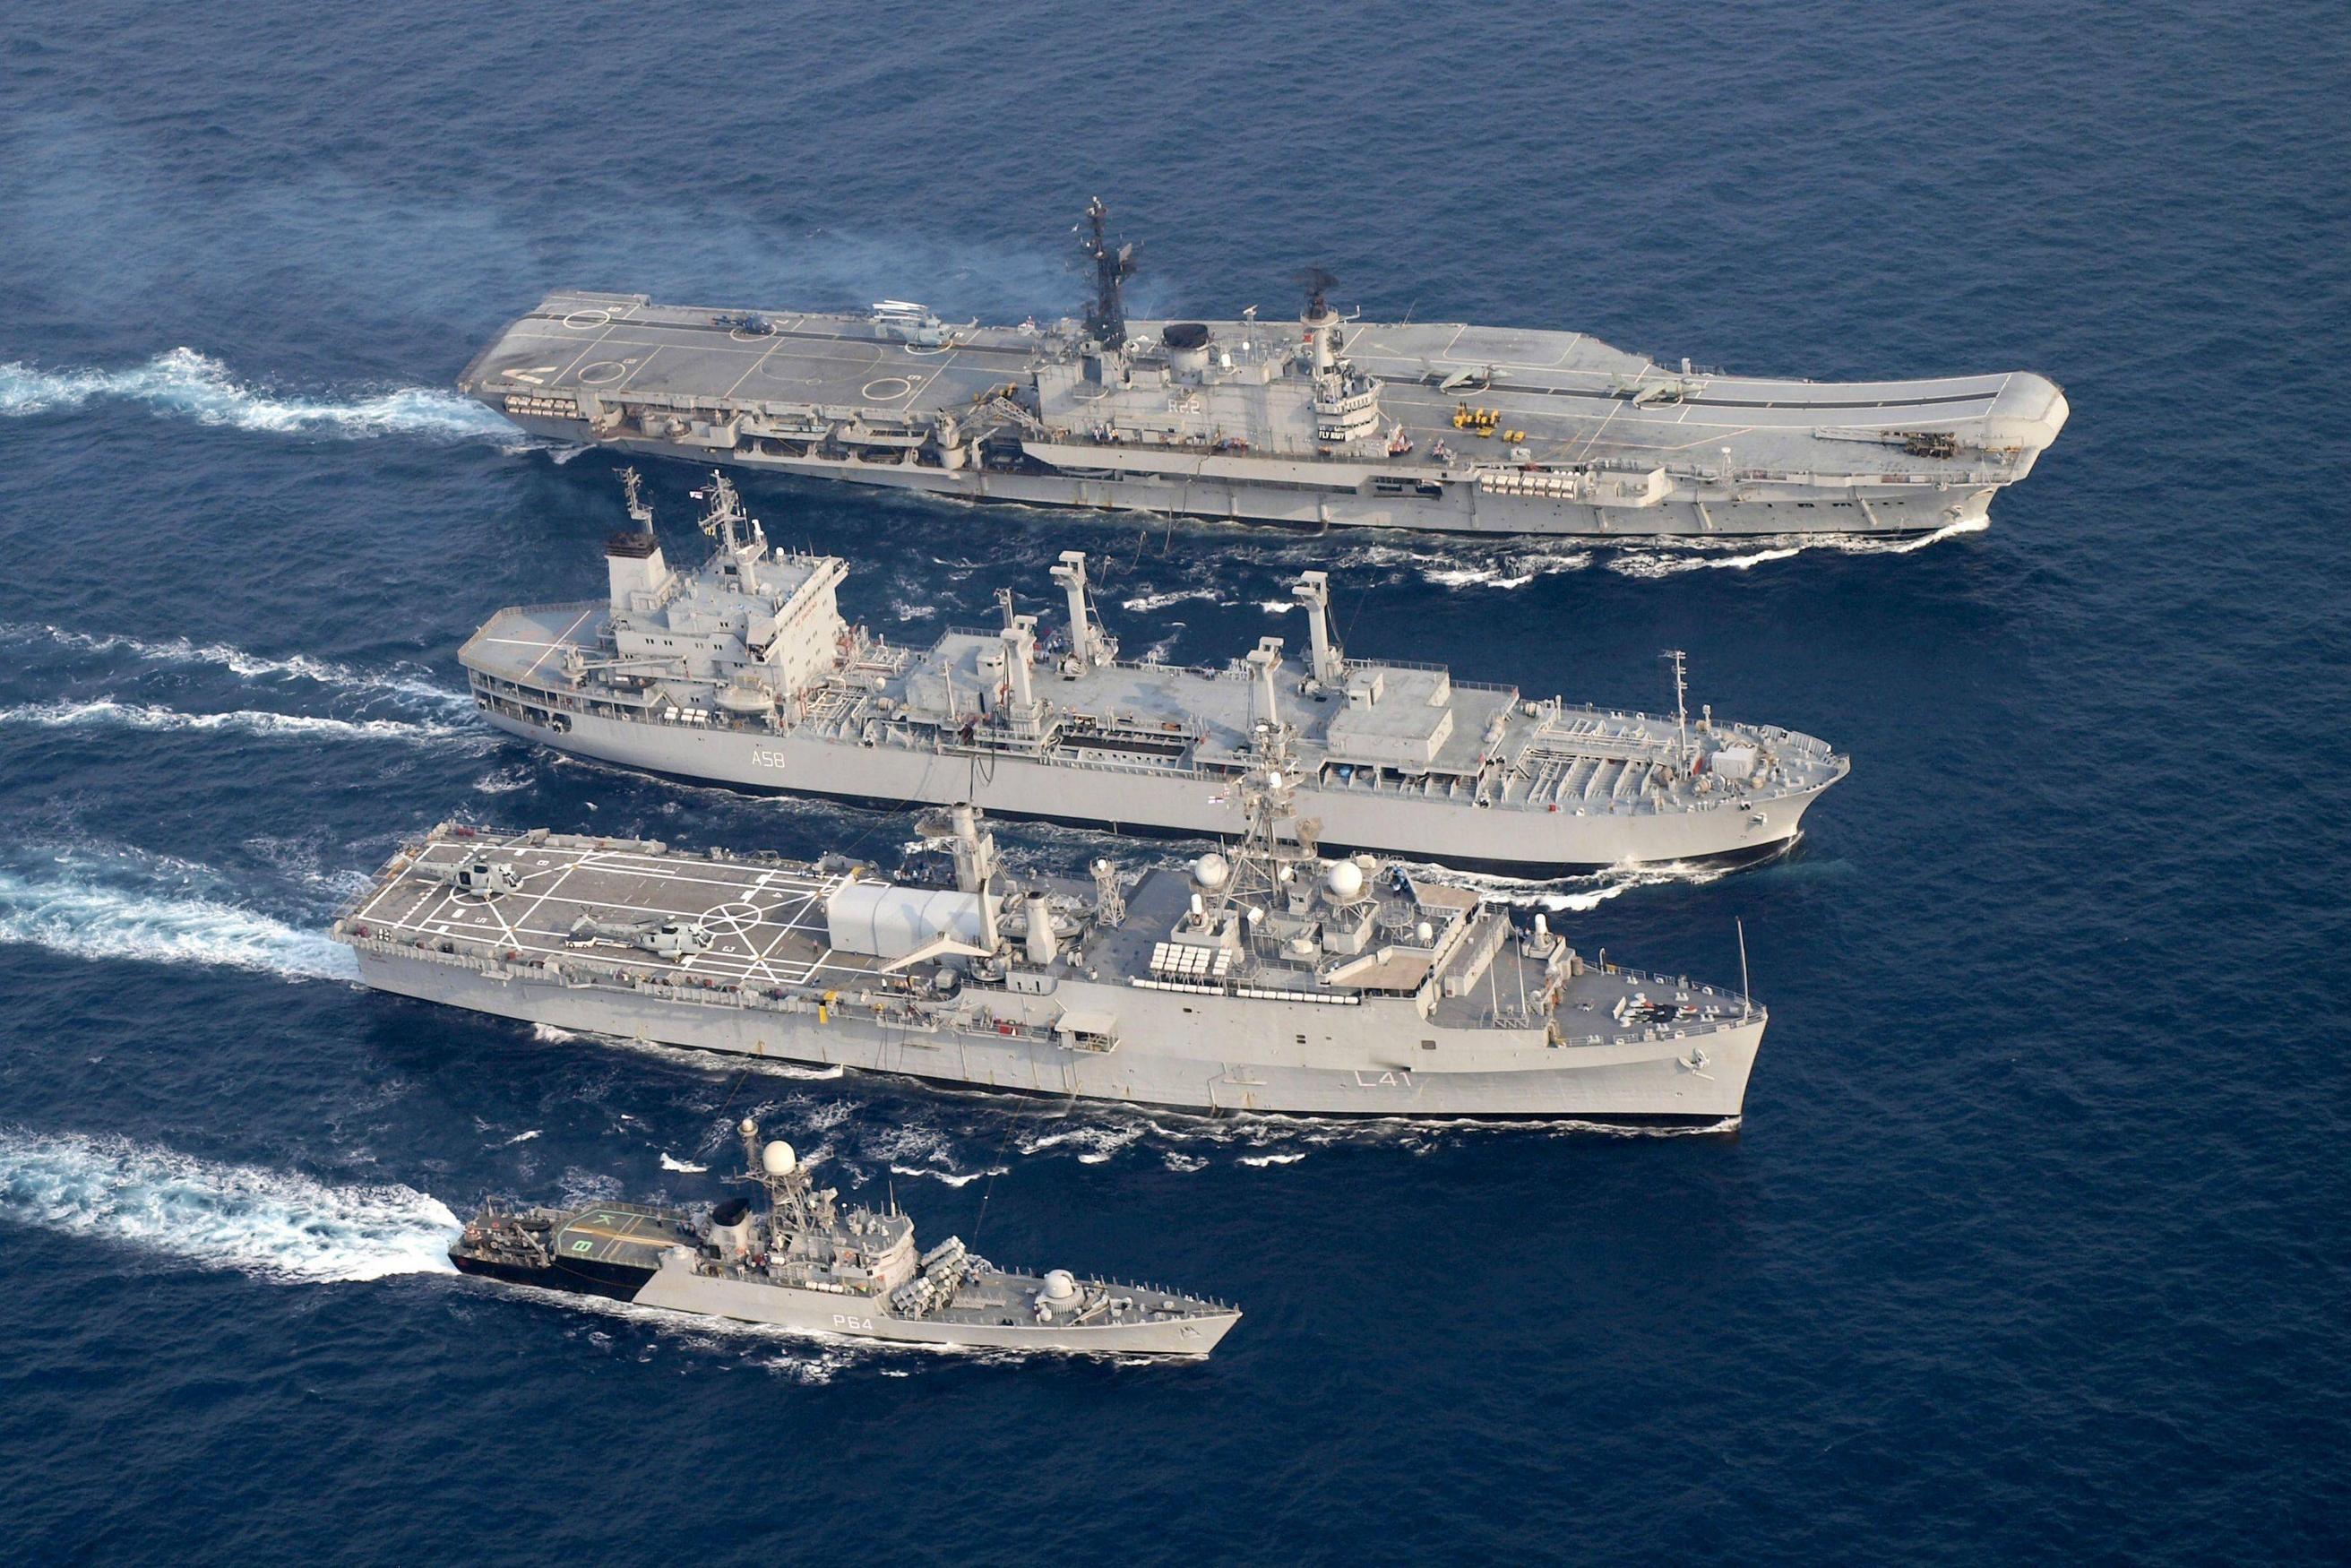 Wallpaper : vehicle, Battleship, aircraft carrier, yacht